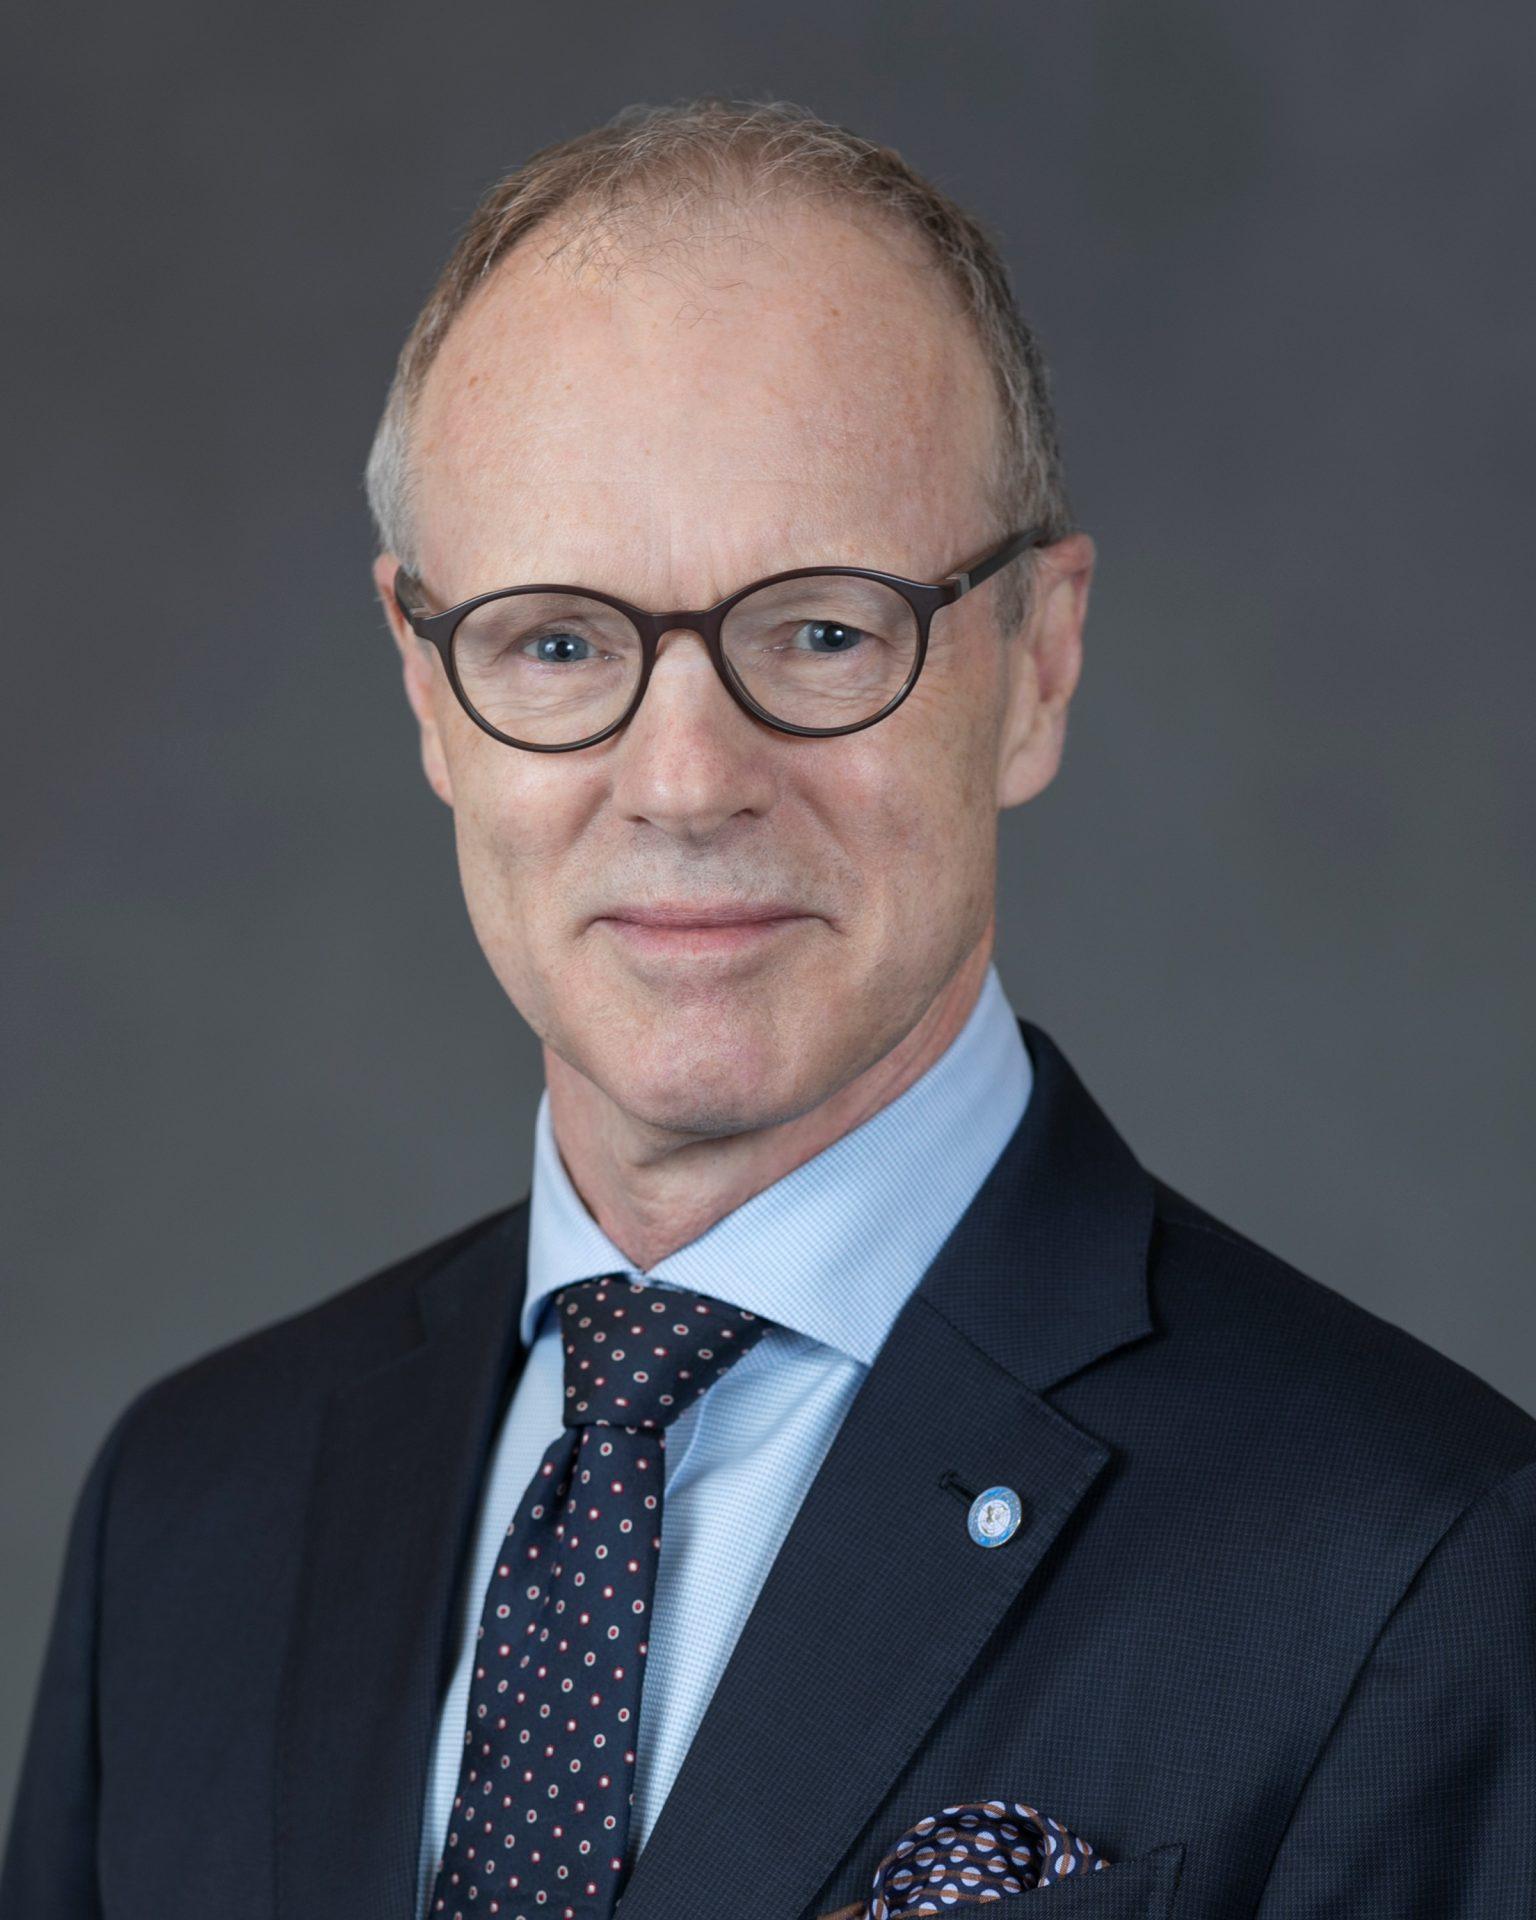 Sturla Henriksen, UN Global Compact Special Advisor, Ocean